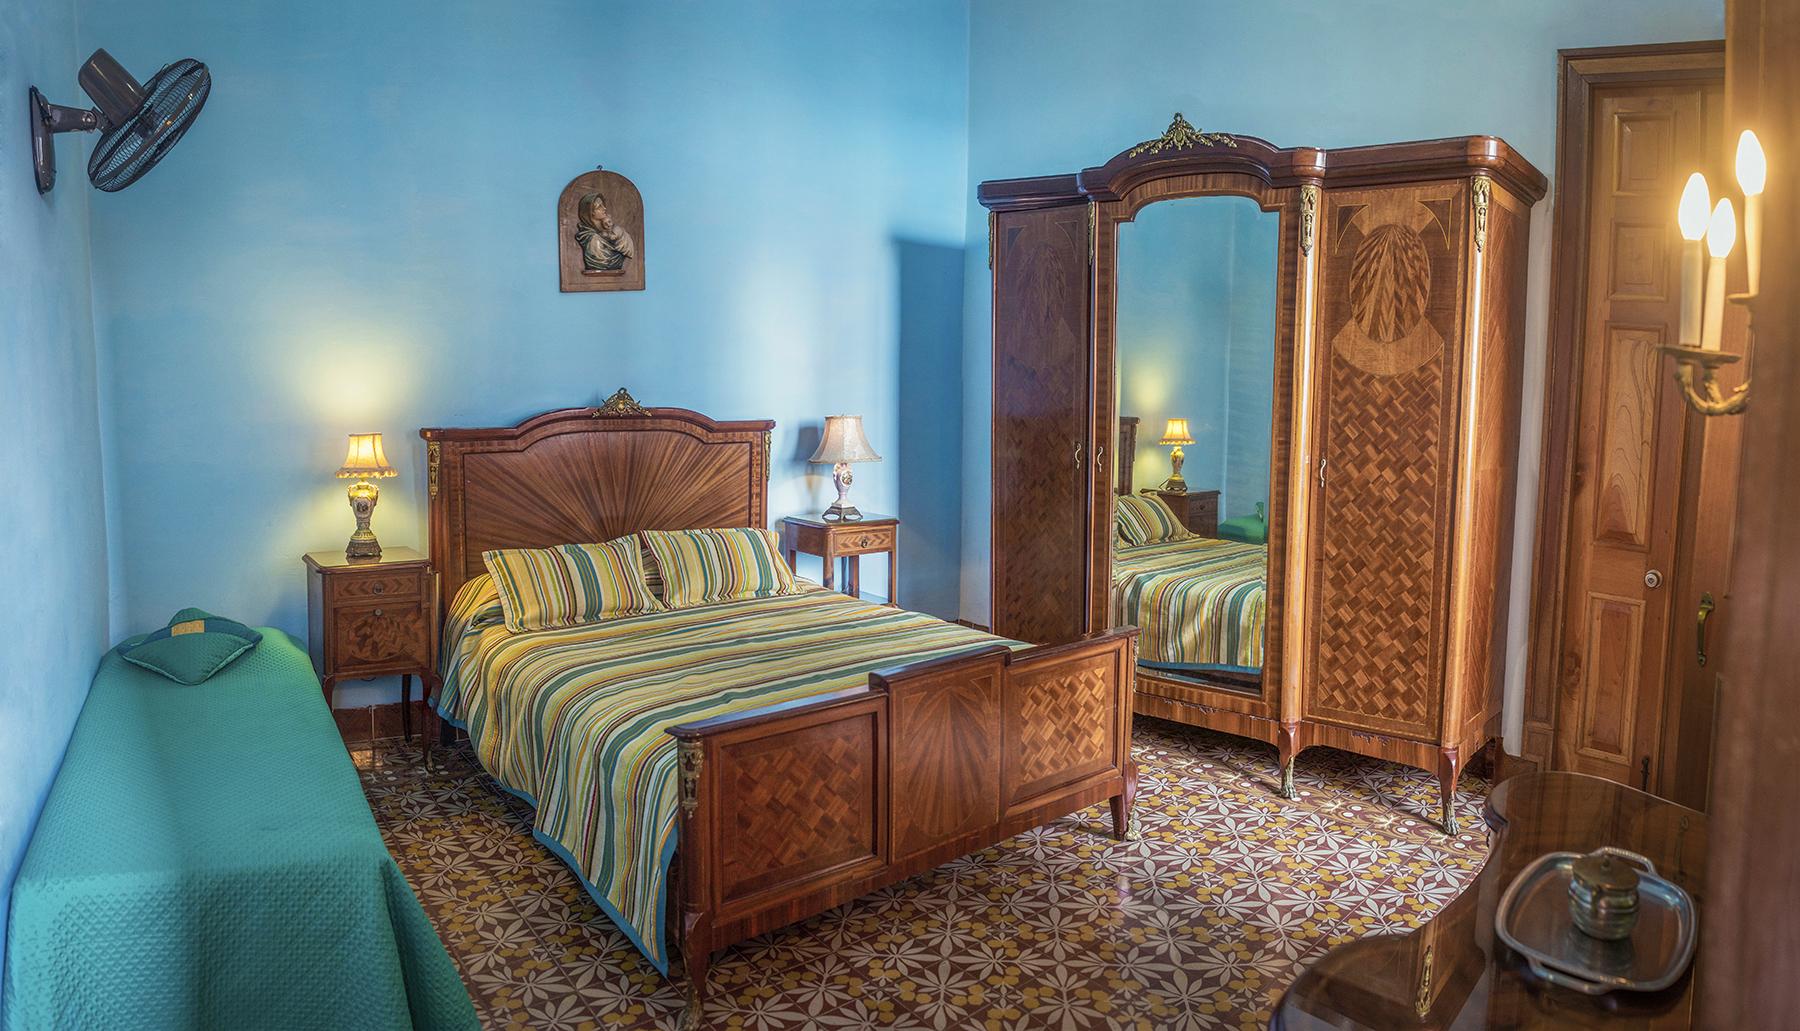 alejopik_Comercial_Interiors_Prado_Colonial_2.jpg